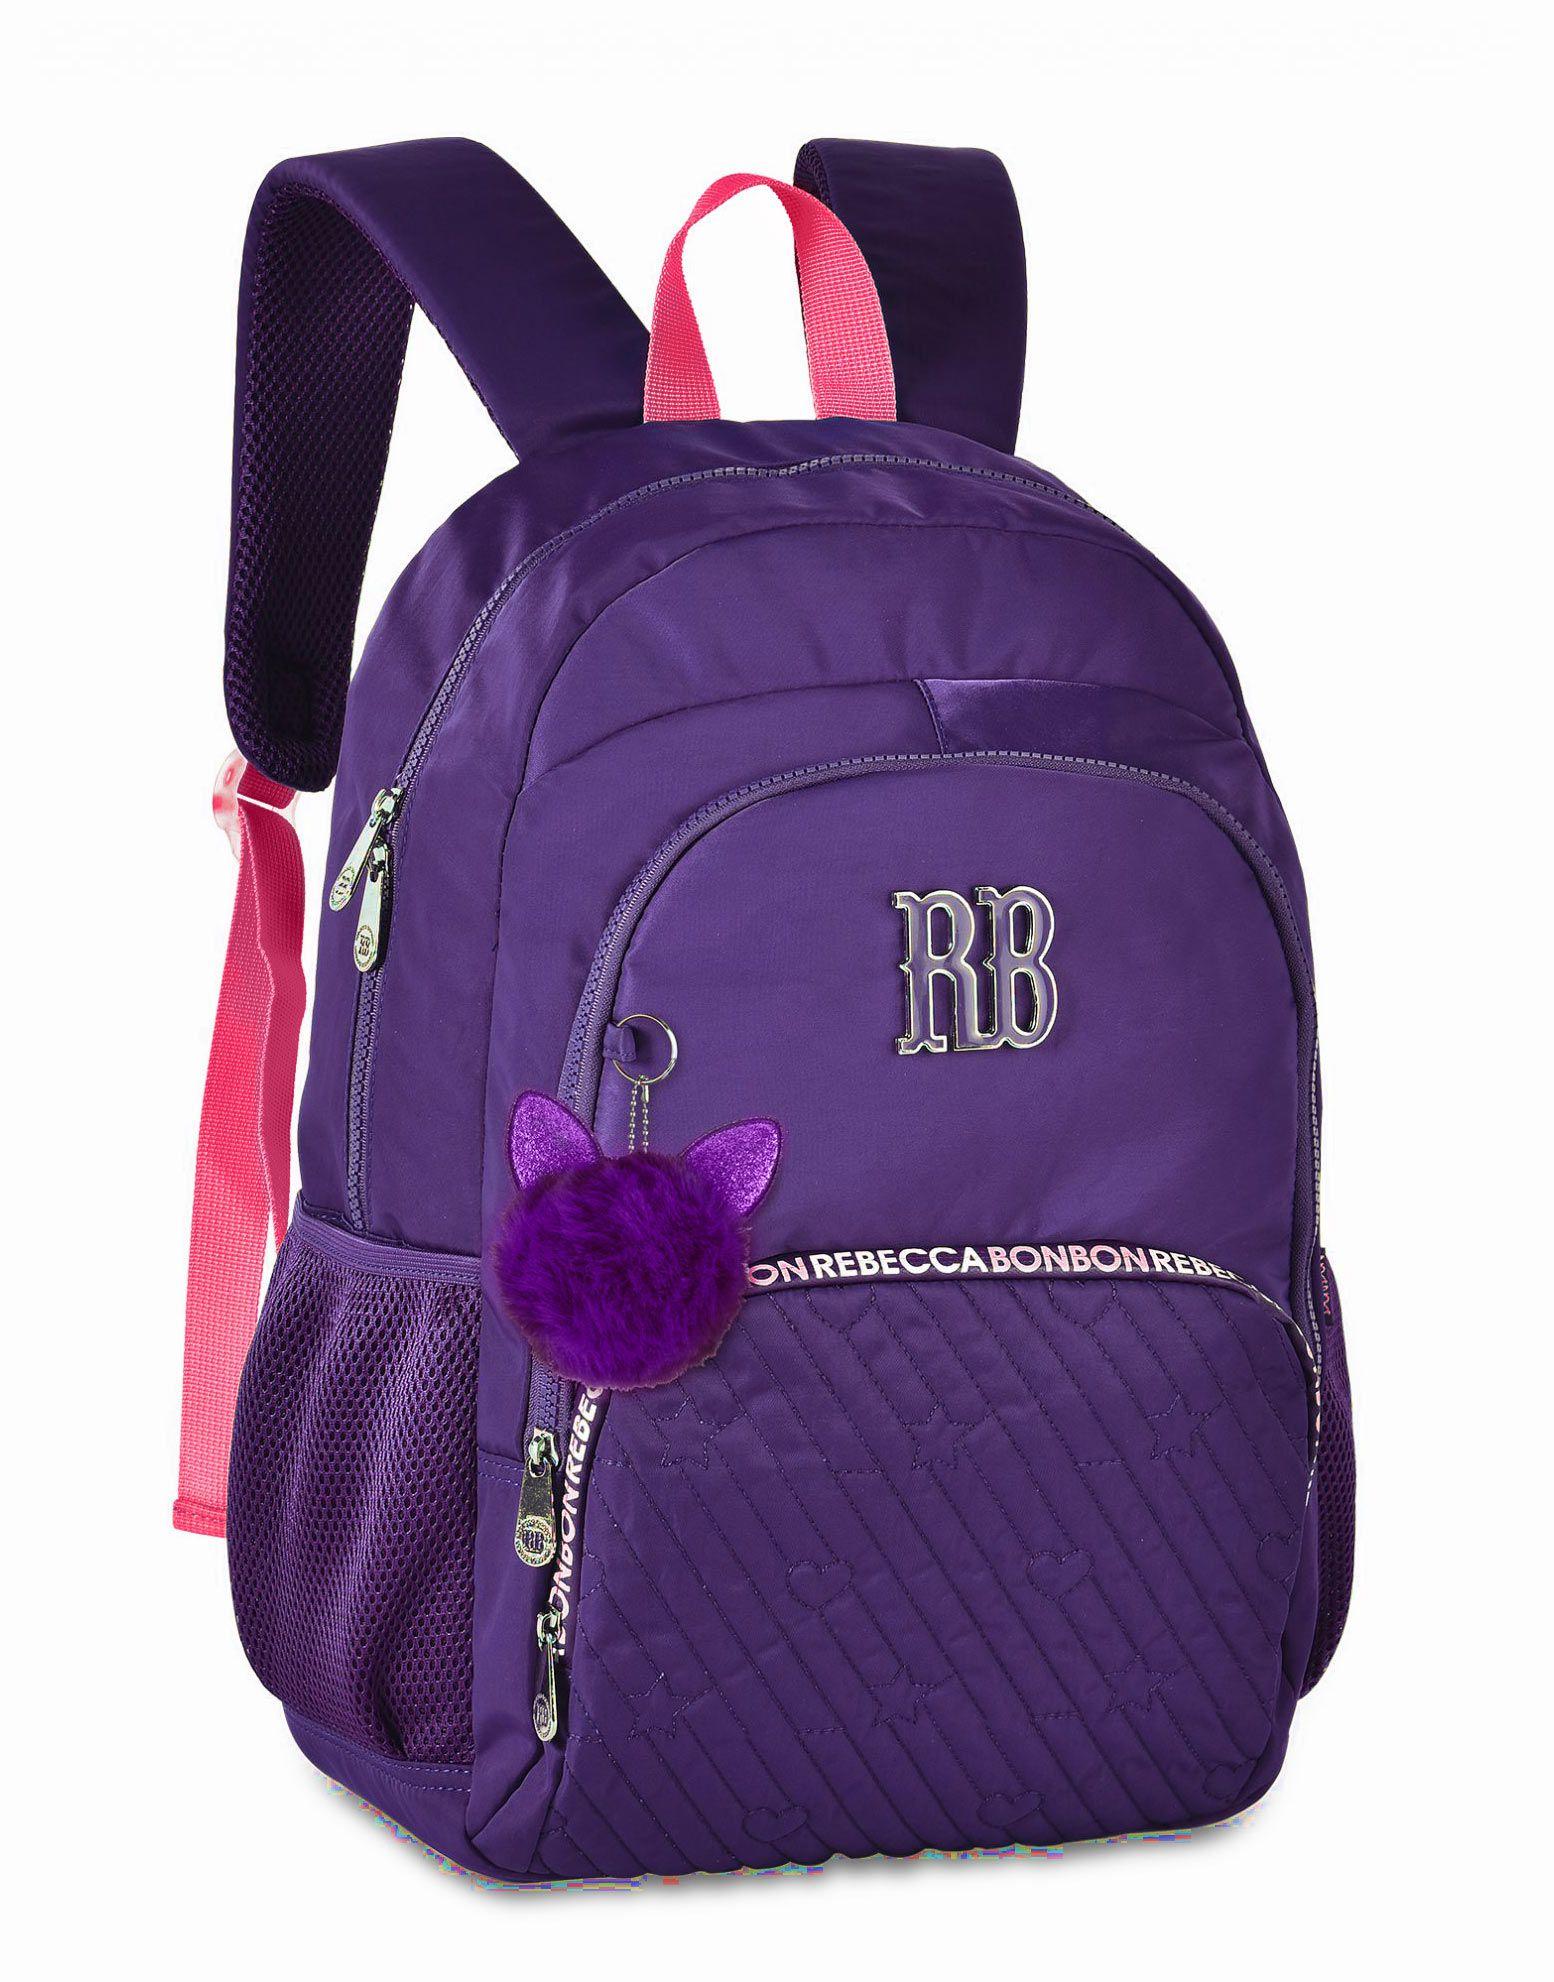 Mochila Rebecca Bonbon RB2061 - Clio